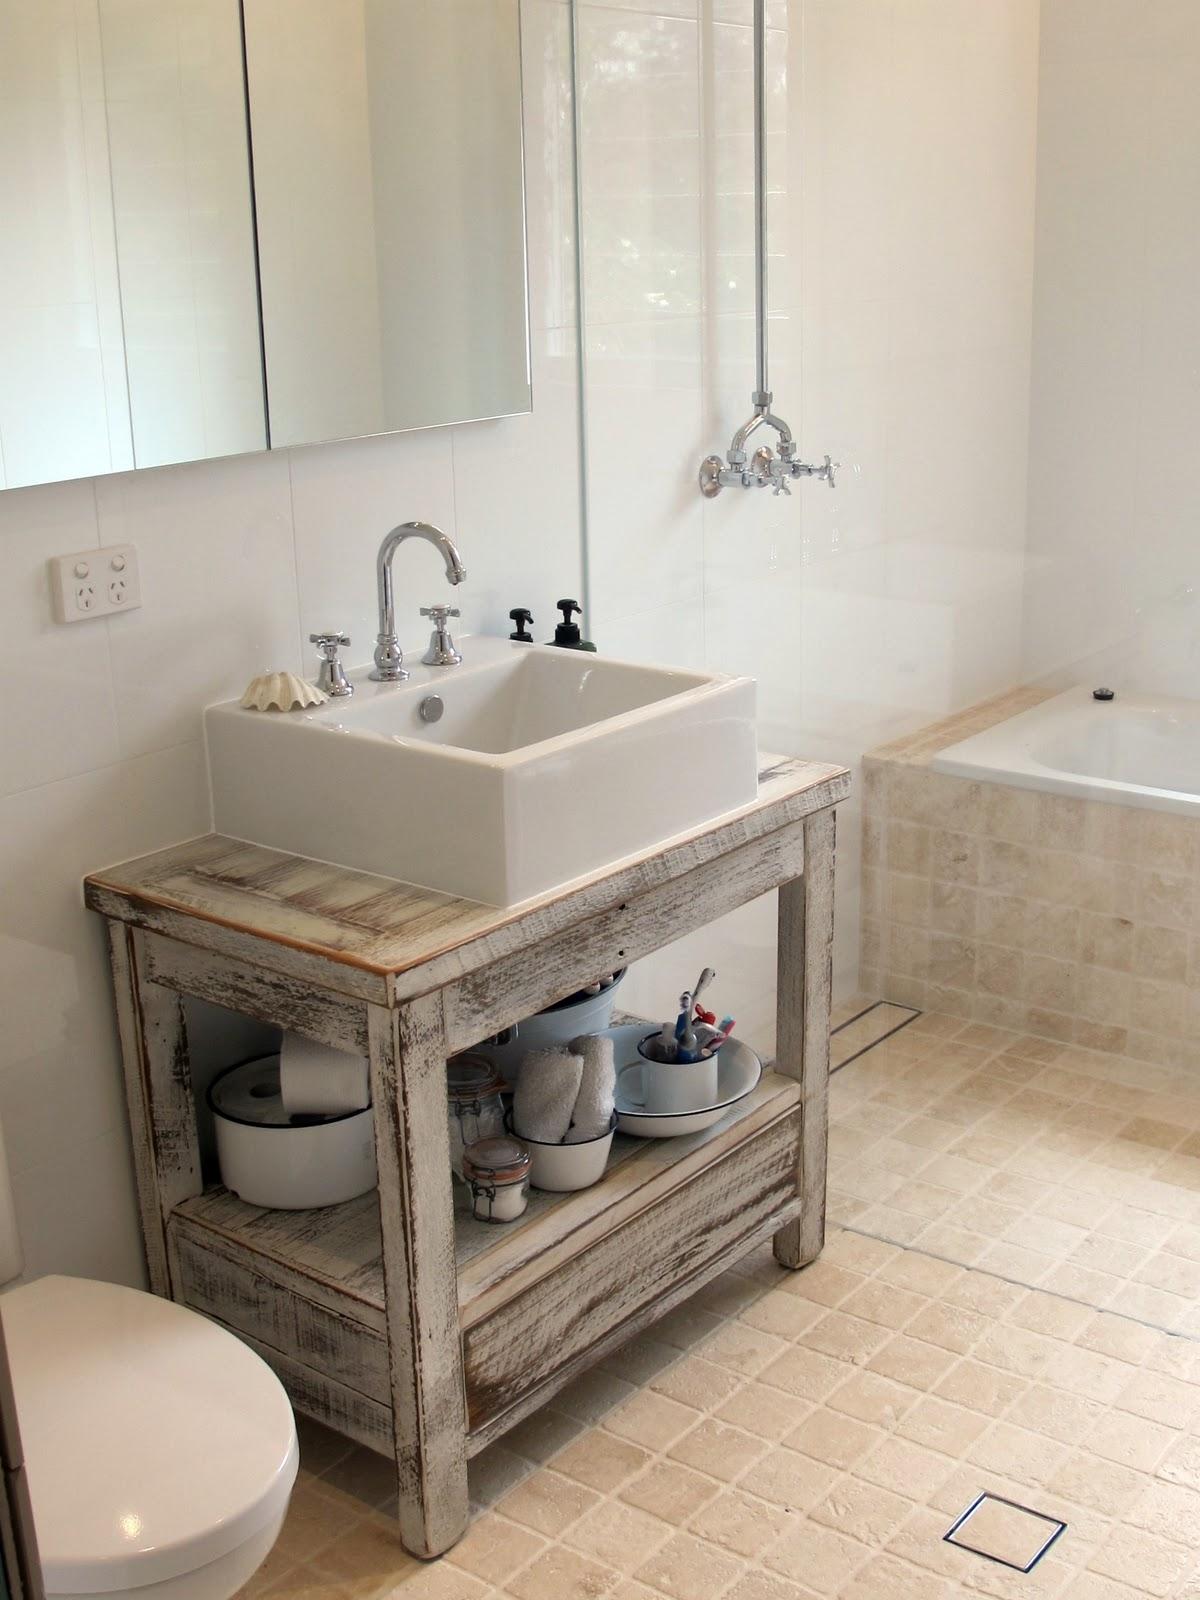 coastal bathroom vanities ideas on foter rh foter com 30 coastal bathroom vanity 30 coastal bathroom vanity